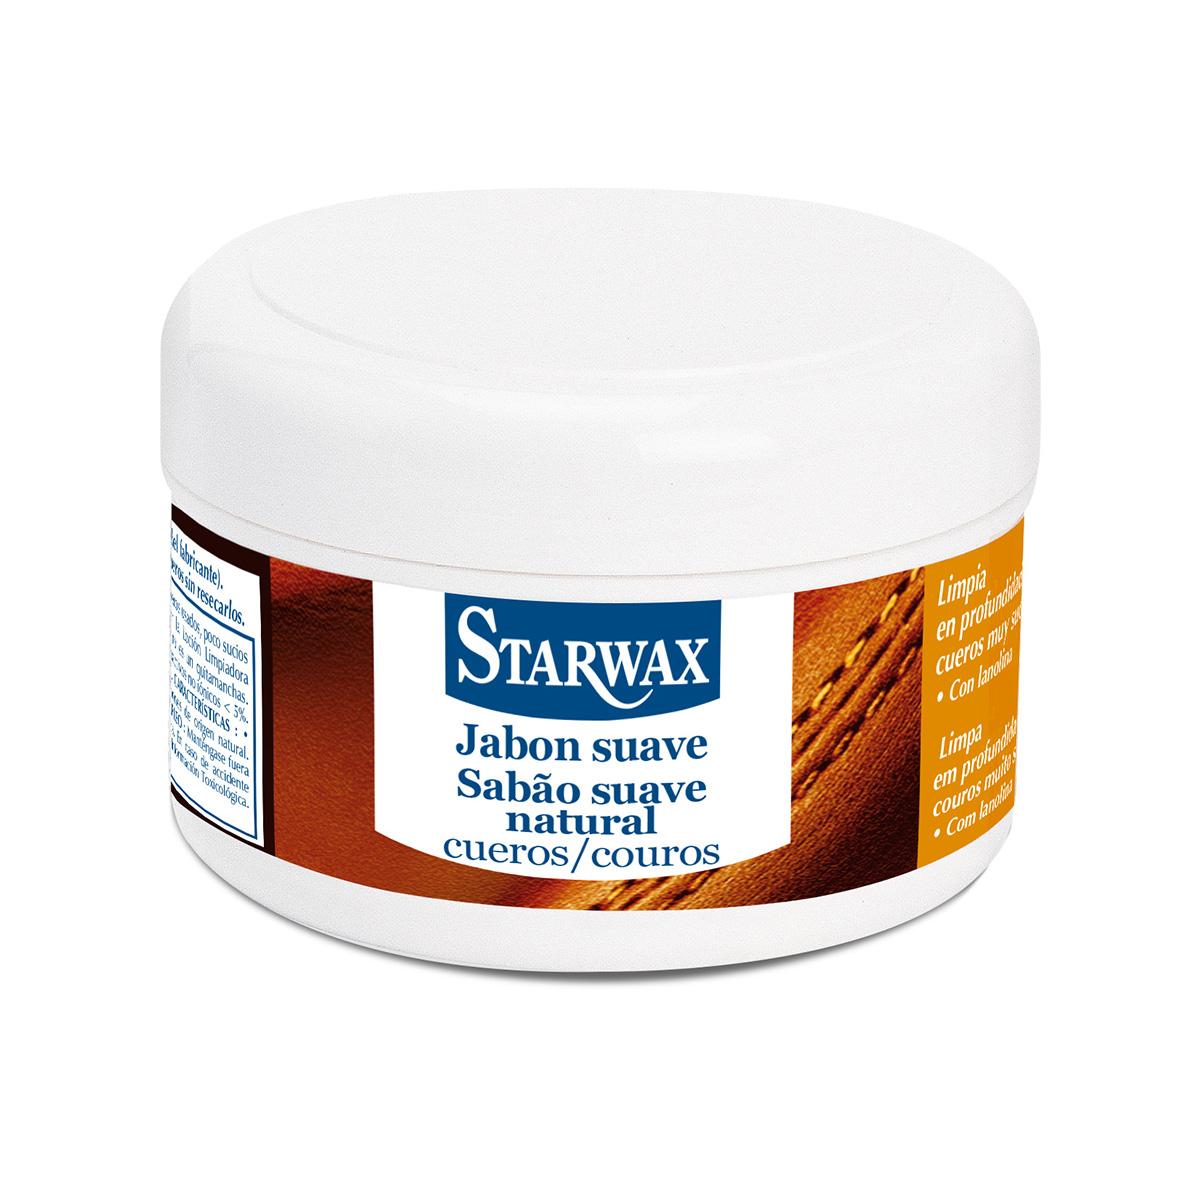 Jabón suave regenerador cueros - Starwax